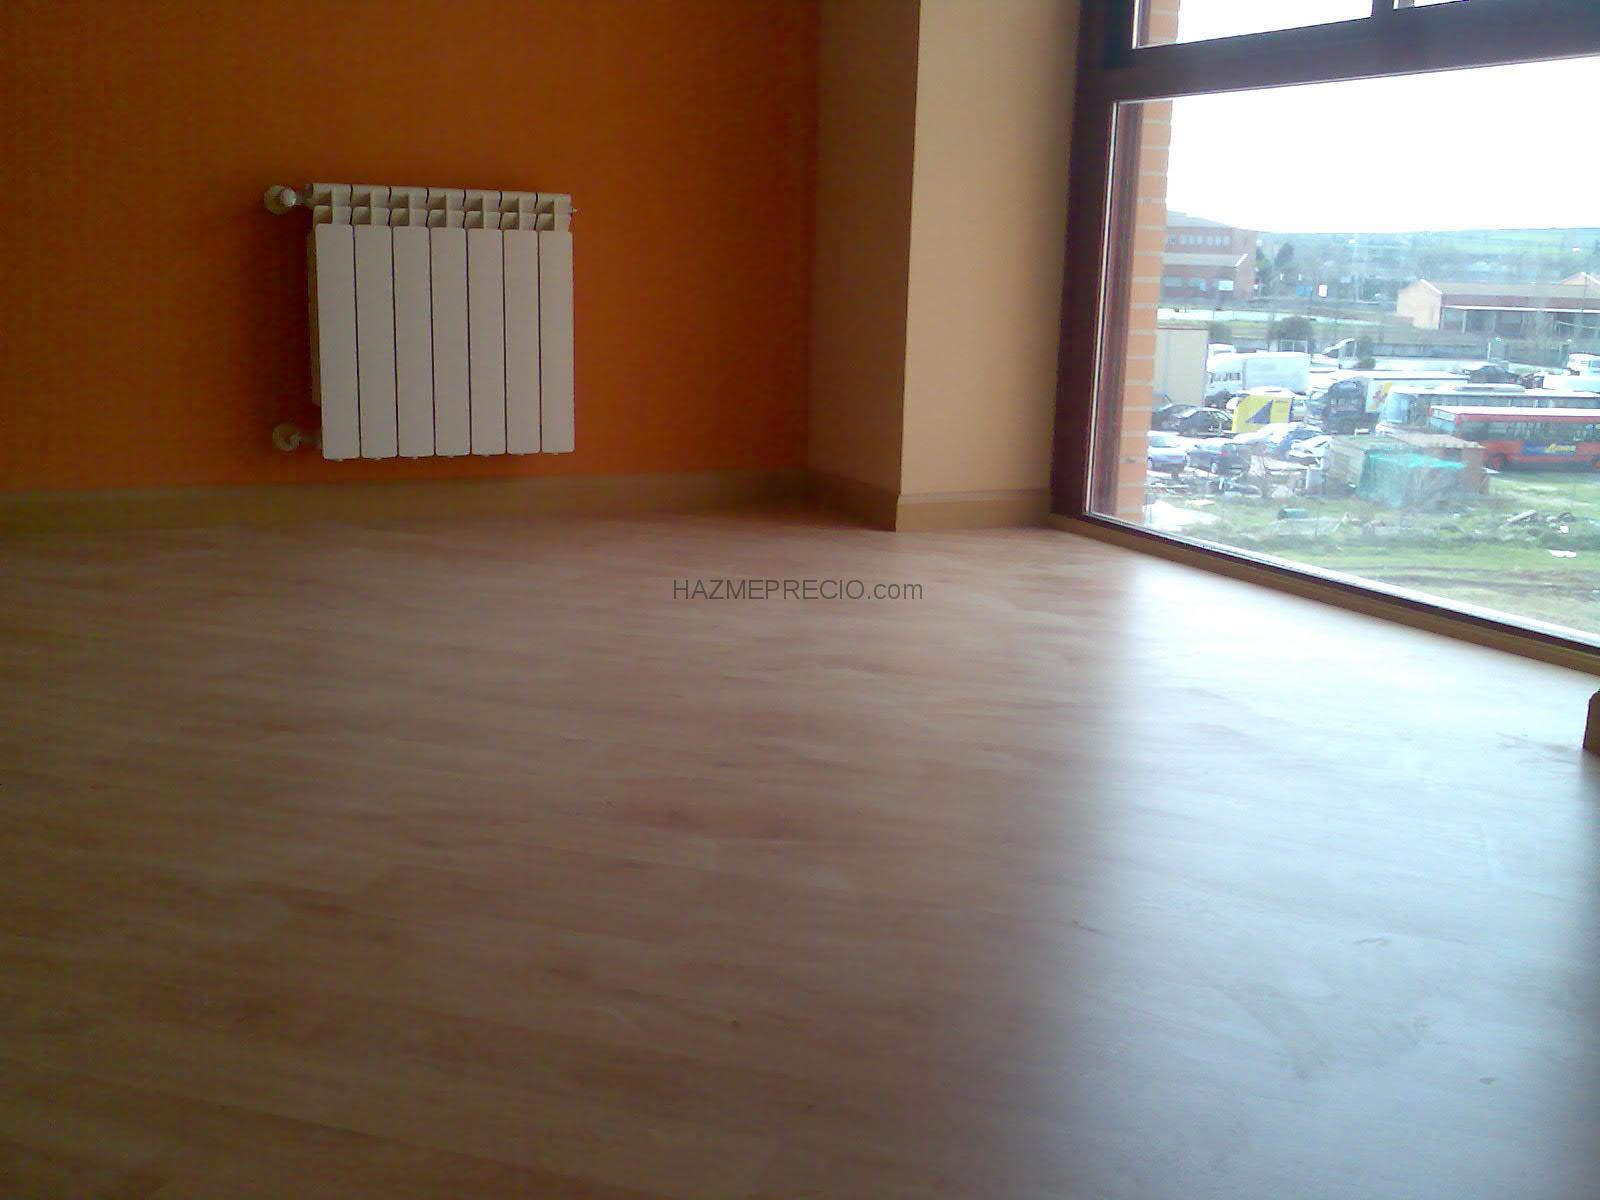 Jmartins pavimentos de madera 28905 getafe madrid - Tipos tarima flotante ...